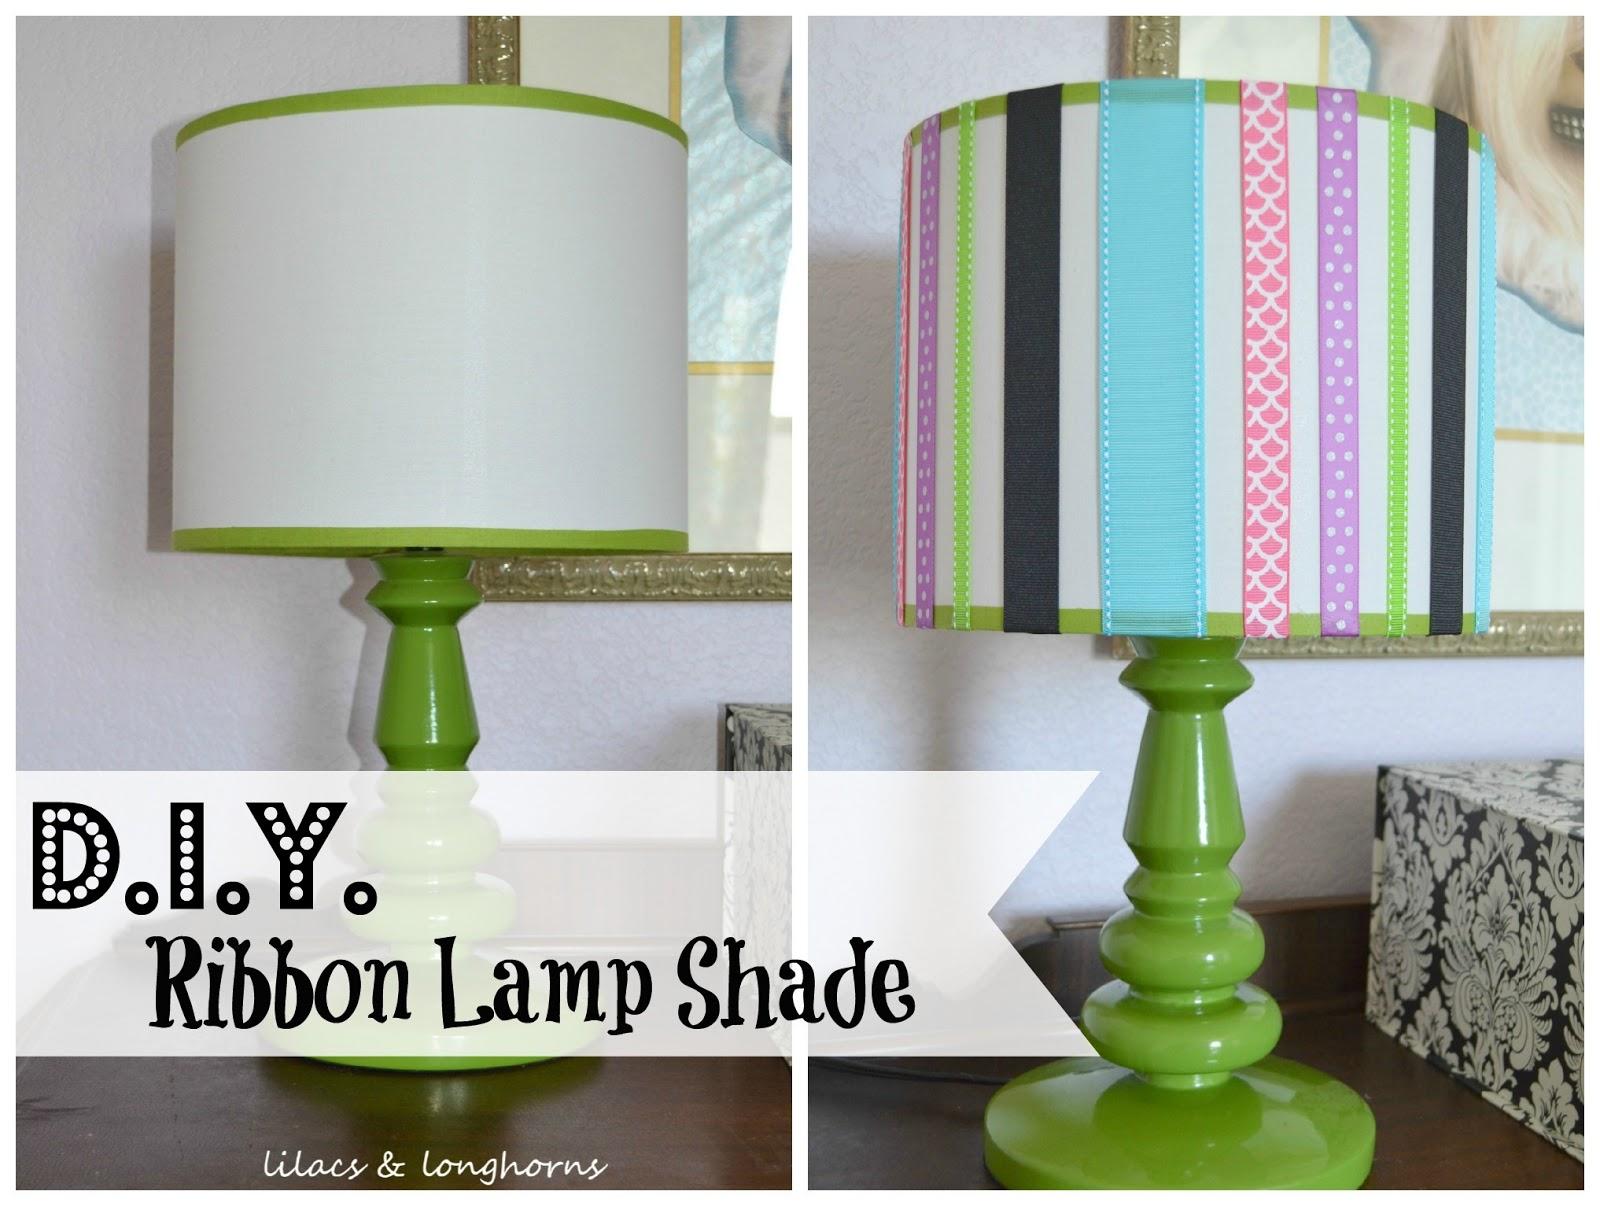 Diy ribbon lamp shade lilacs and longhornslilacs and longhorns diy ribbon lamp shade aloadofball Choice Image